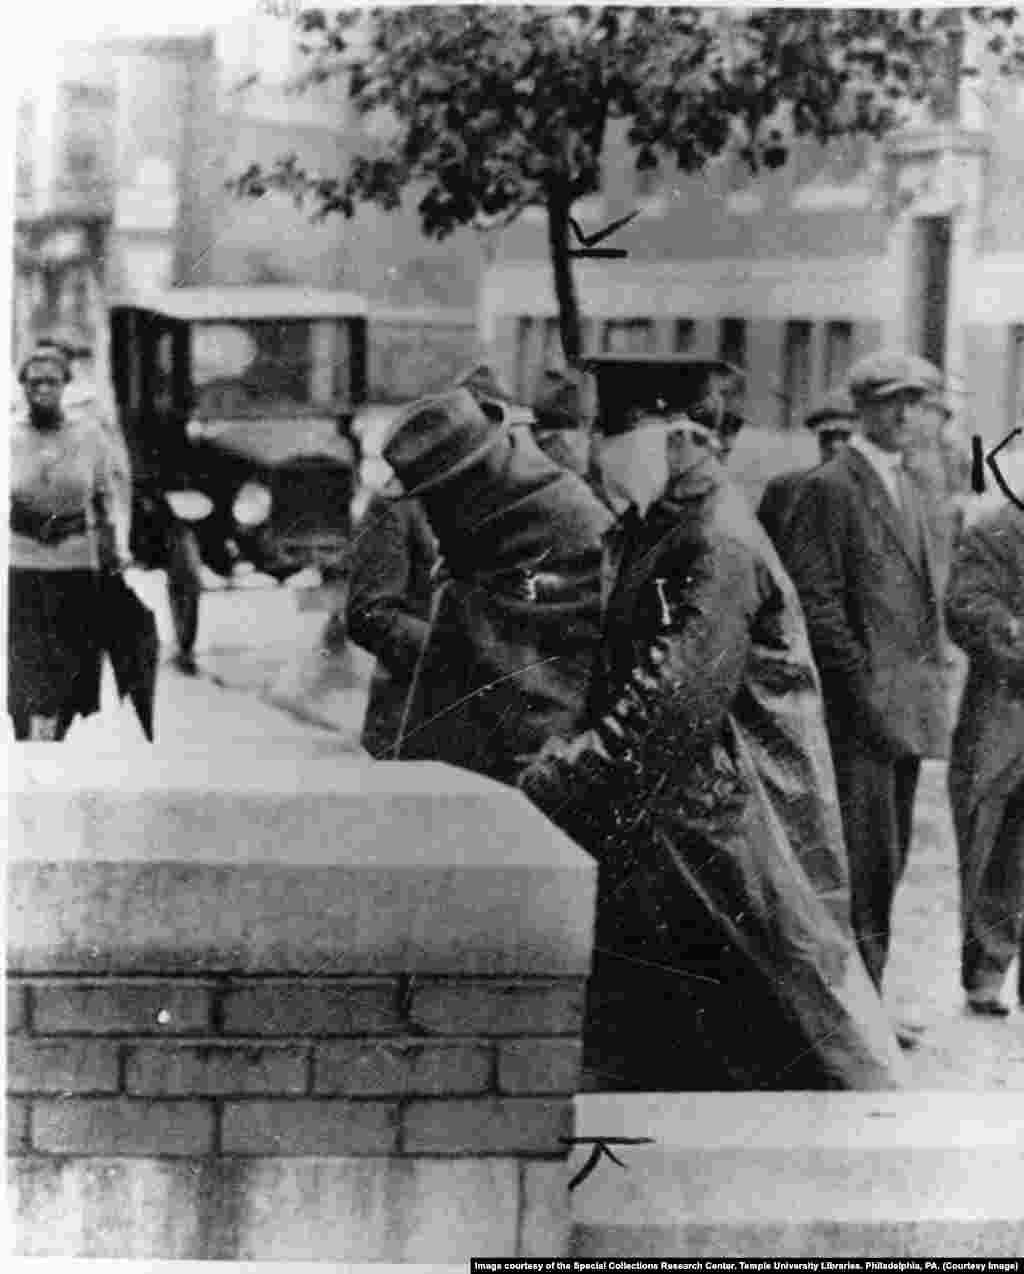 Полицейский сопровождает больного «испанкой» в больницу в Филадельфии в октябре 1918 года.